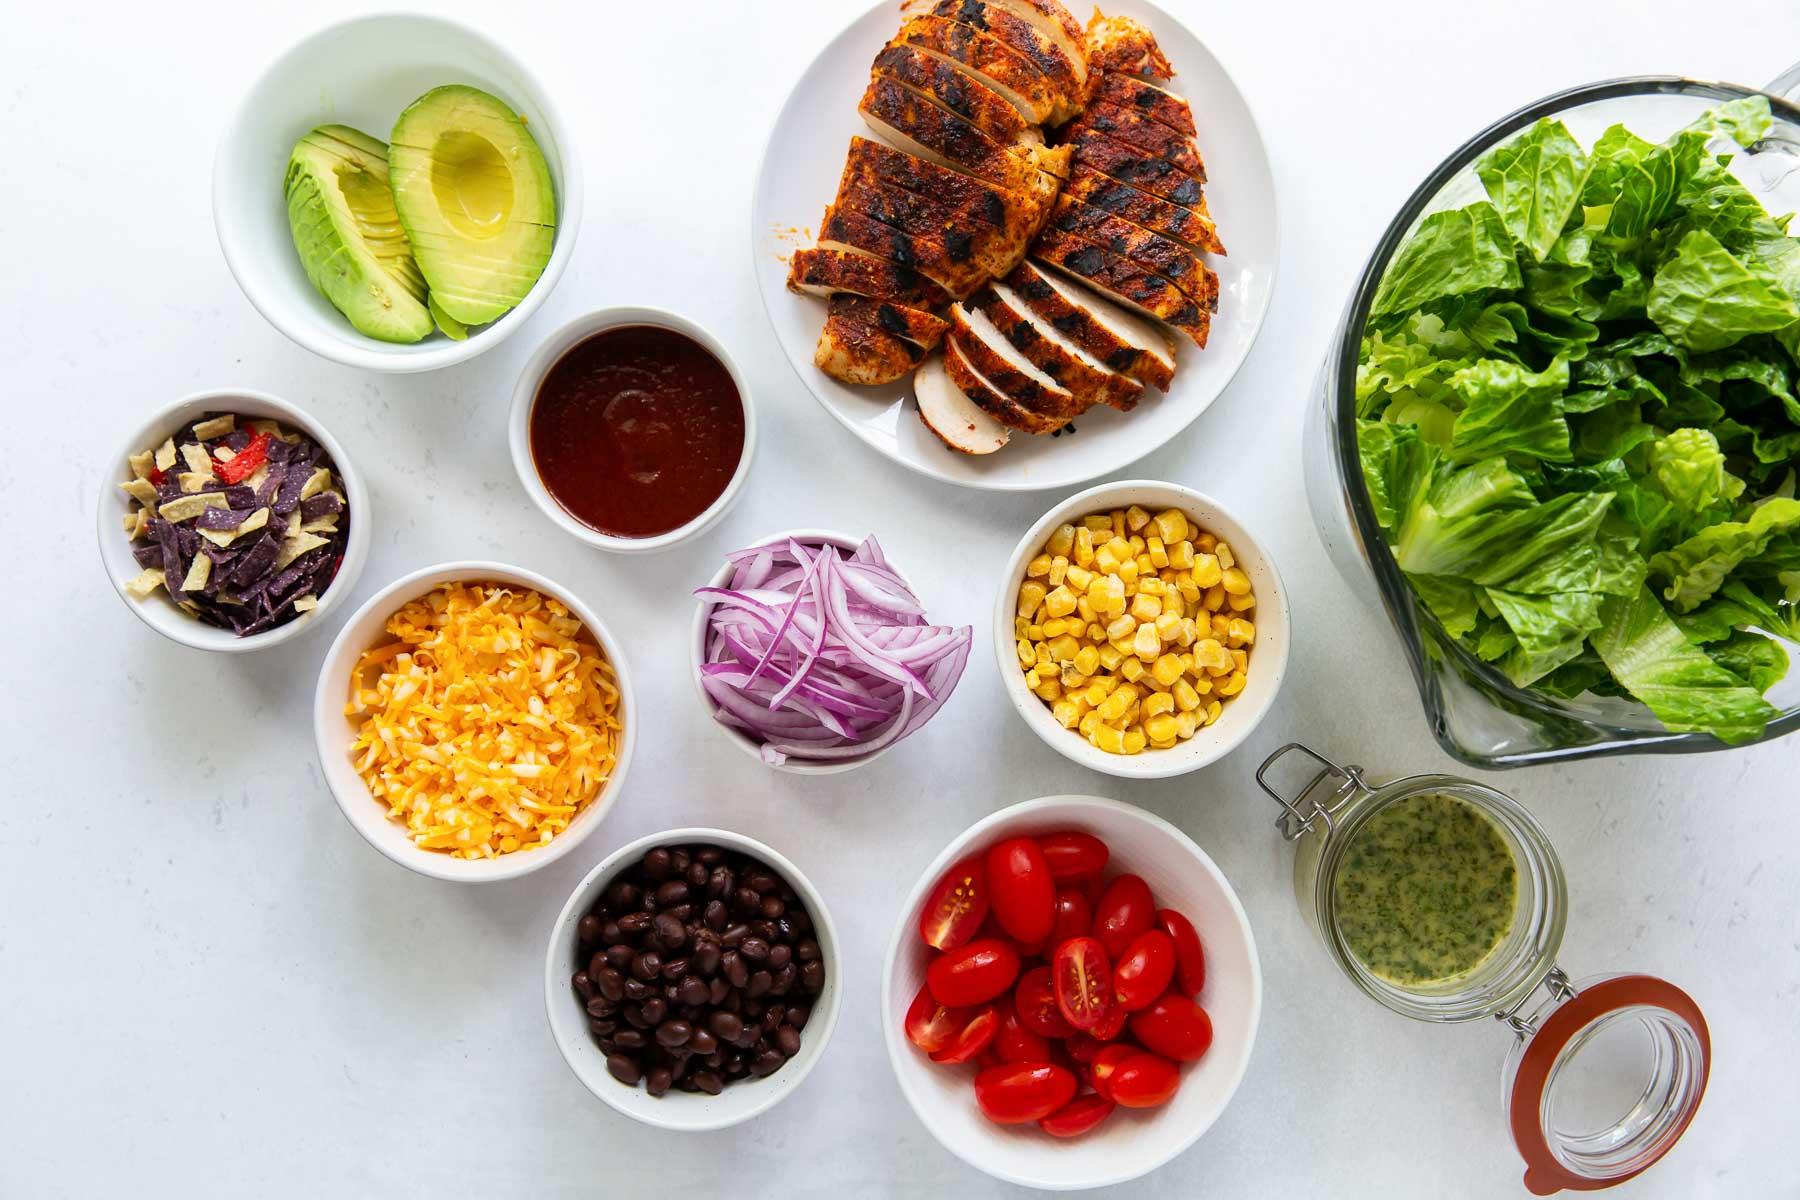 ingredients for bbq chicken salad recipe